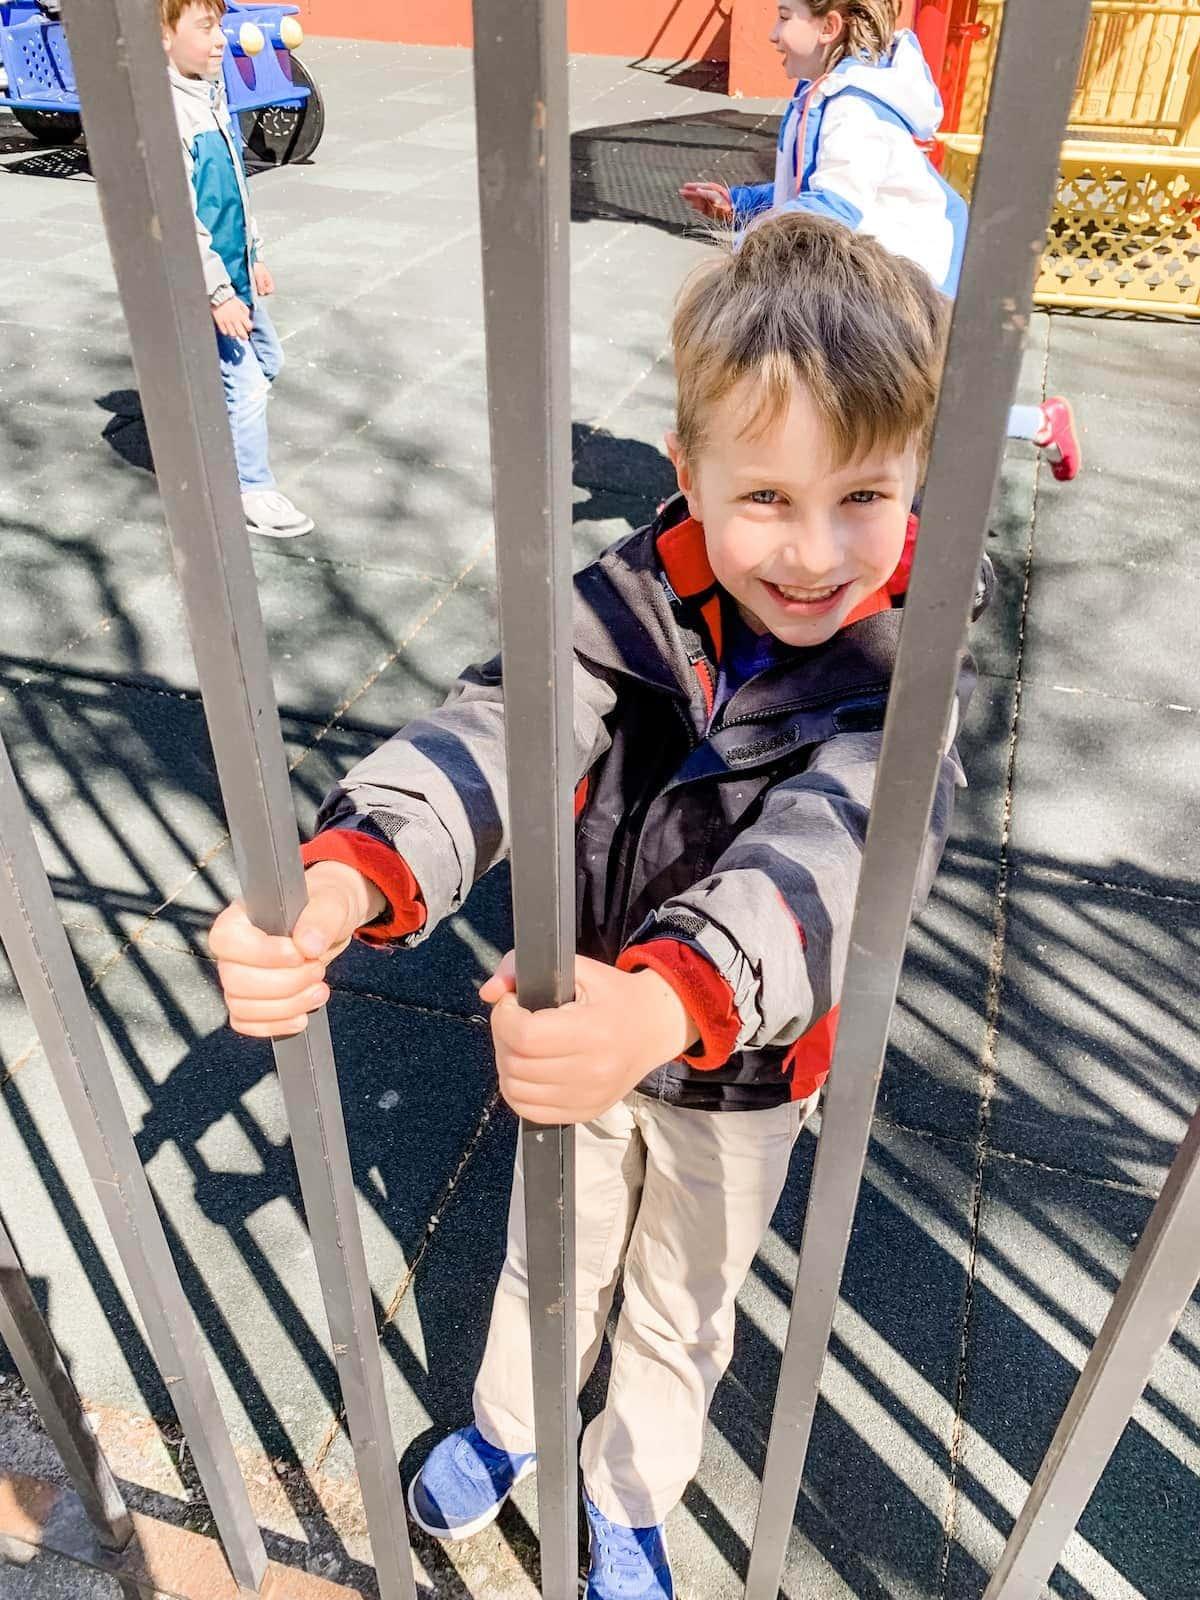 Blake playing on a playground